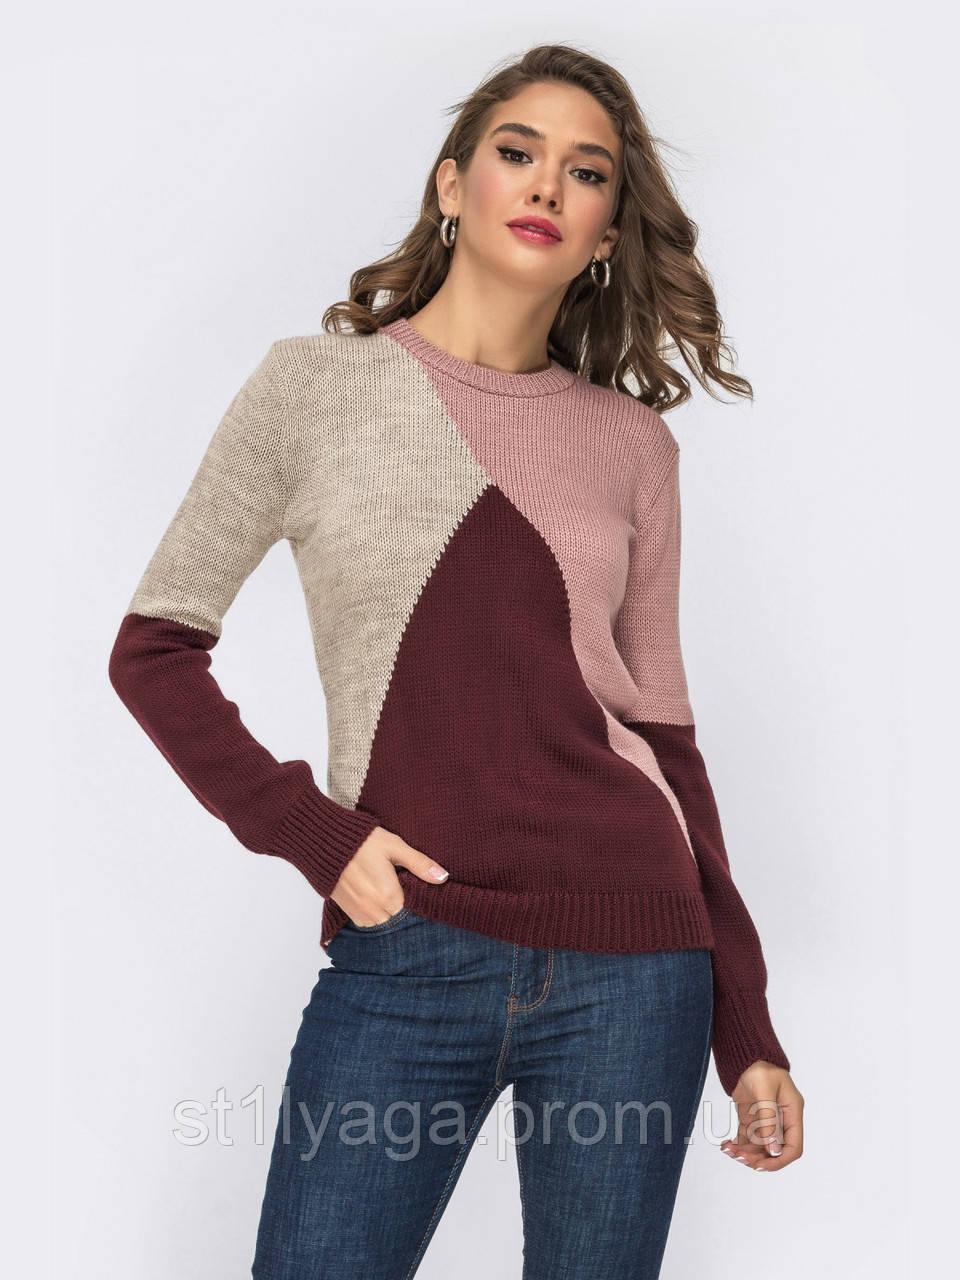 Стильный базовый свитер прямого кроя  трехцветный